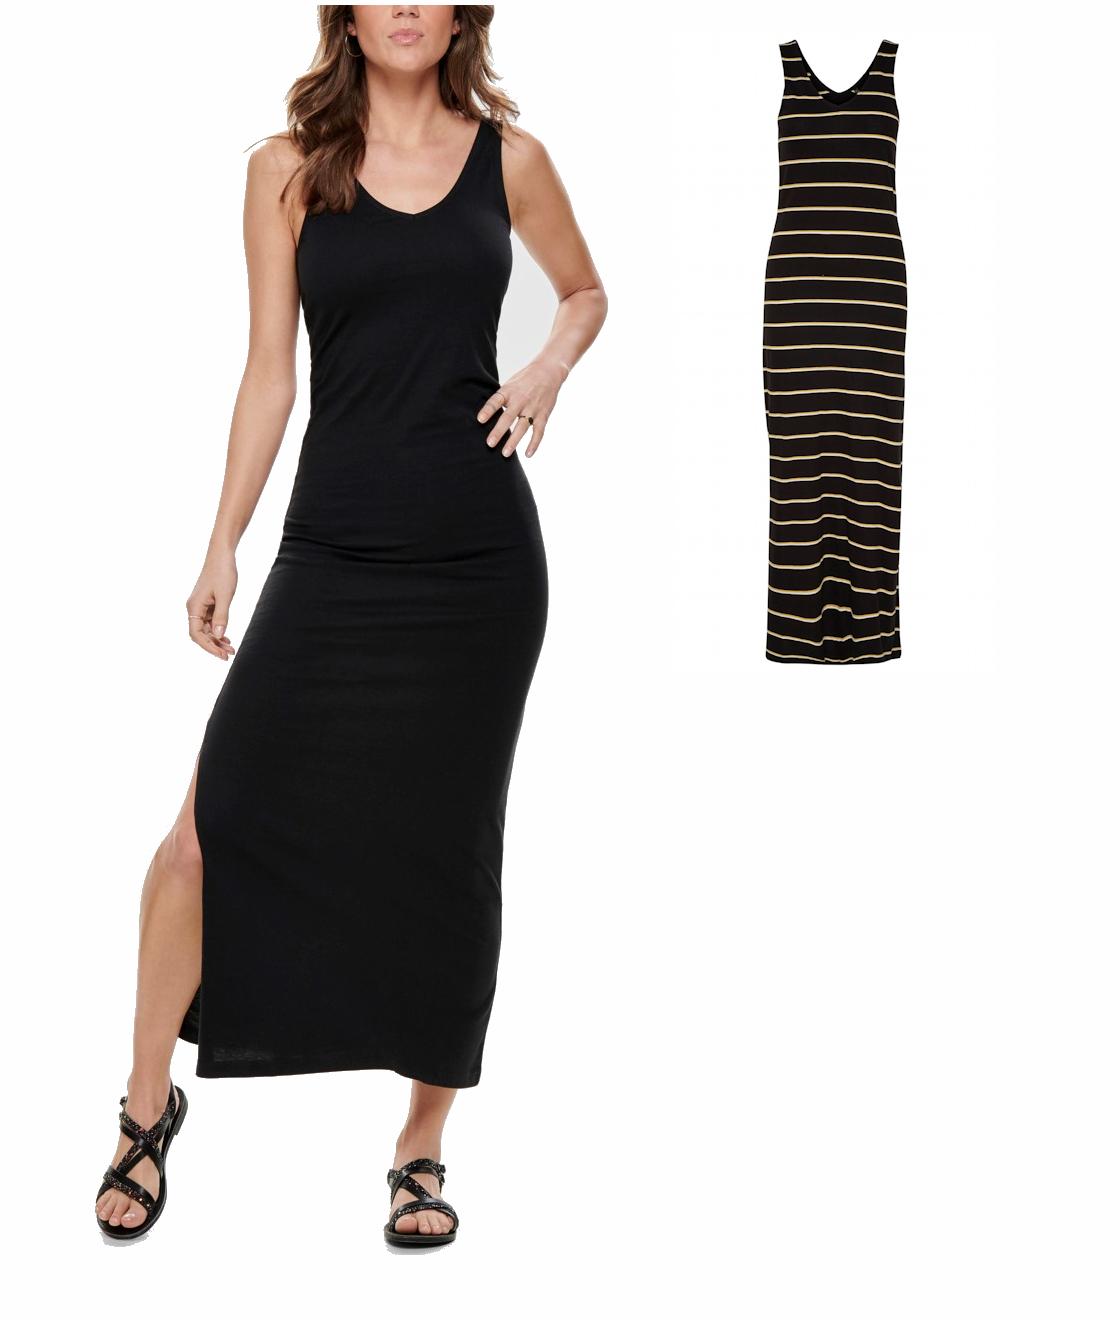 details zu only damen langes kleid v-ausschnitt trägergkleid figurbetont  streifen schlitz